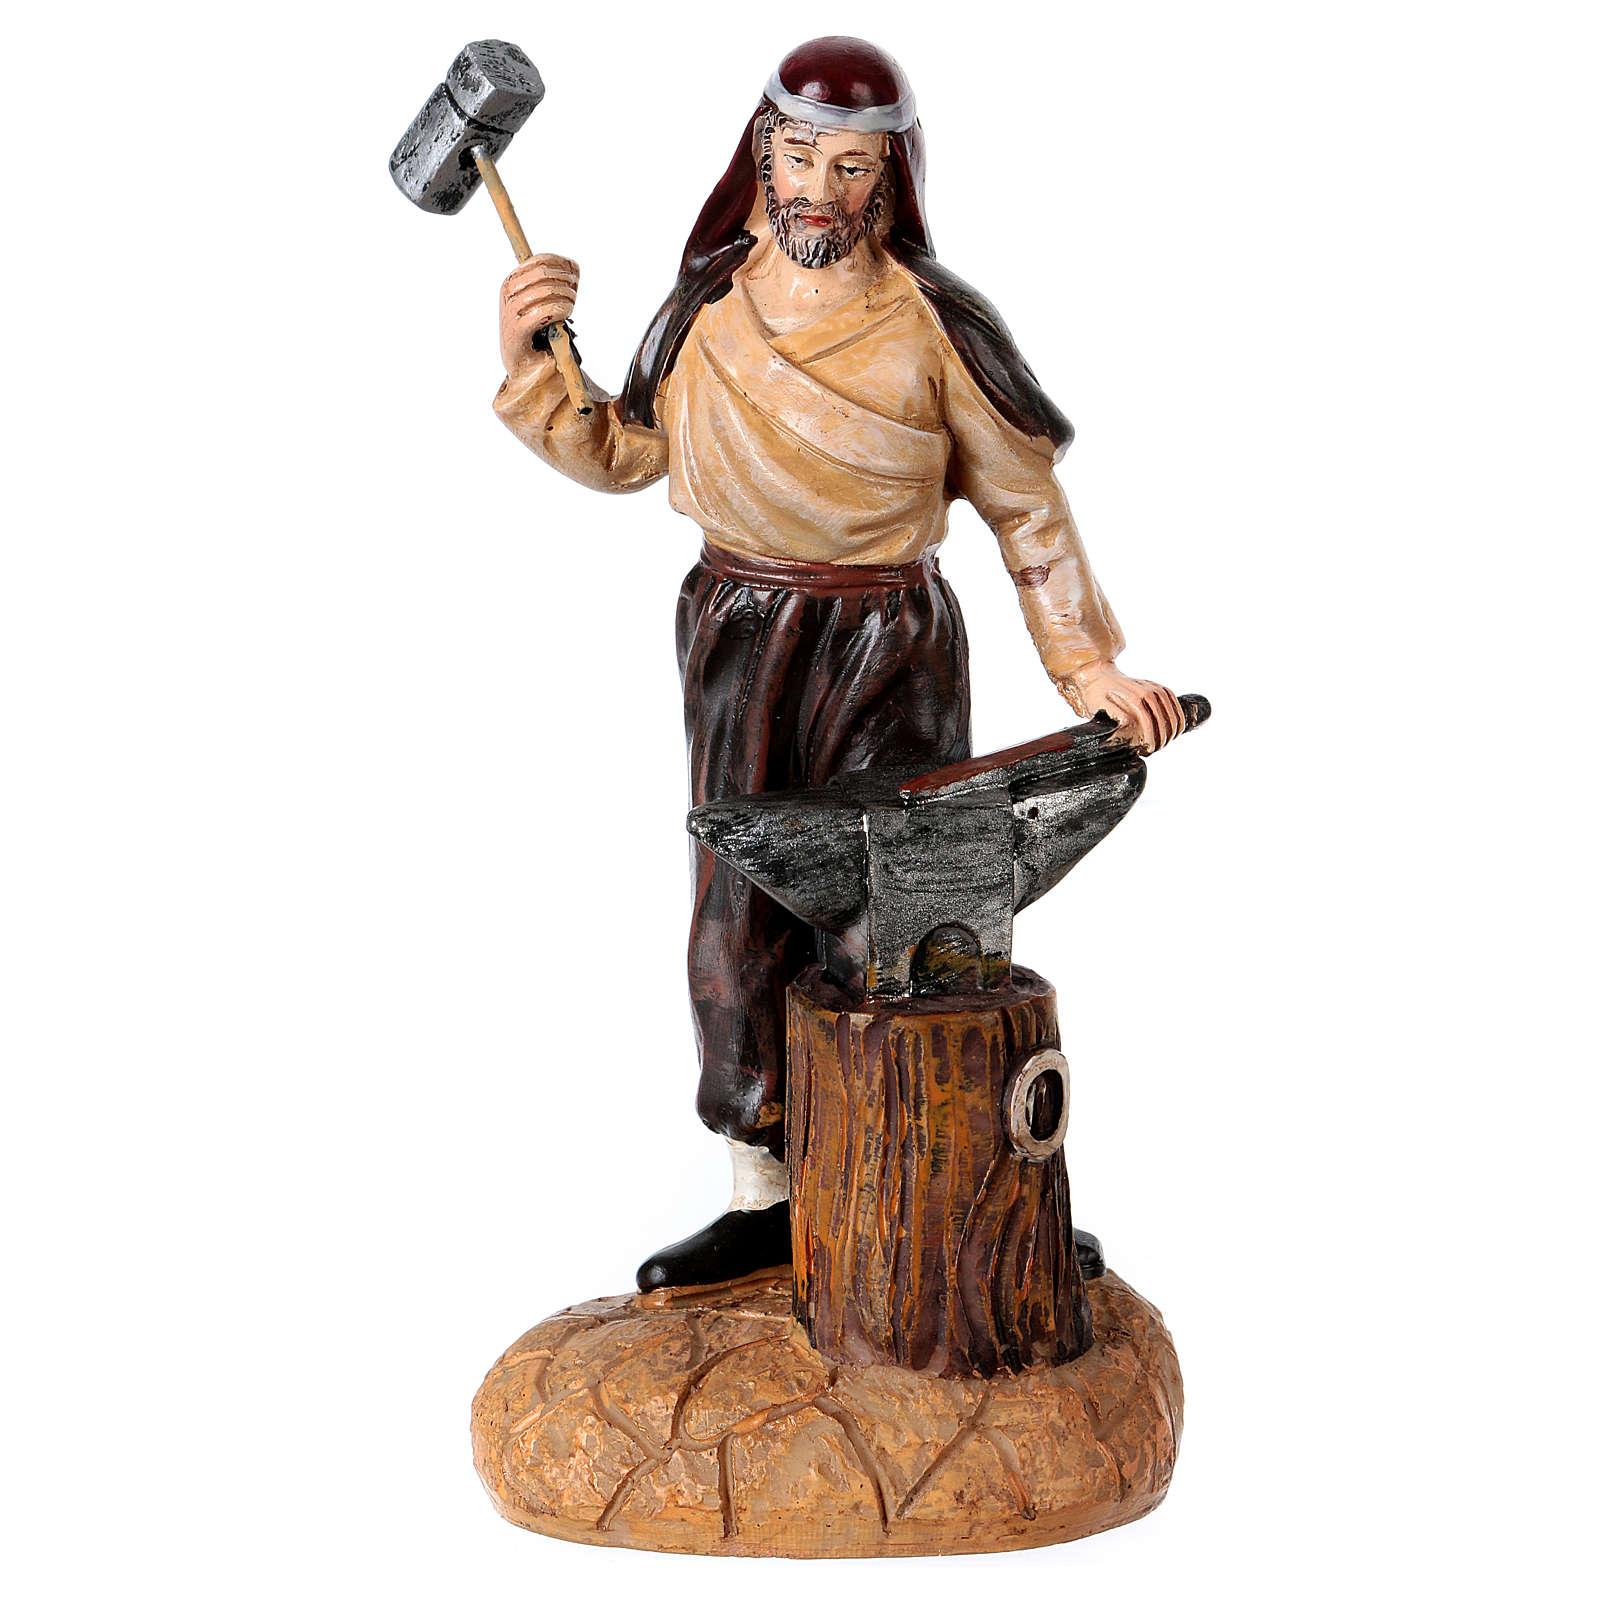 Blacksmith with anvil for 12 cm Nativity scene, Martino Landi 3